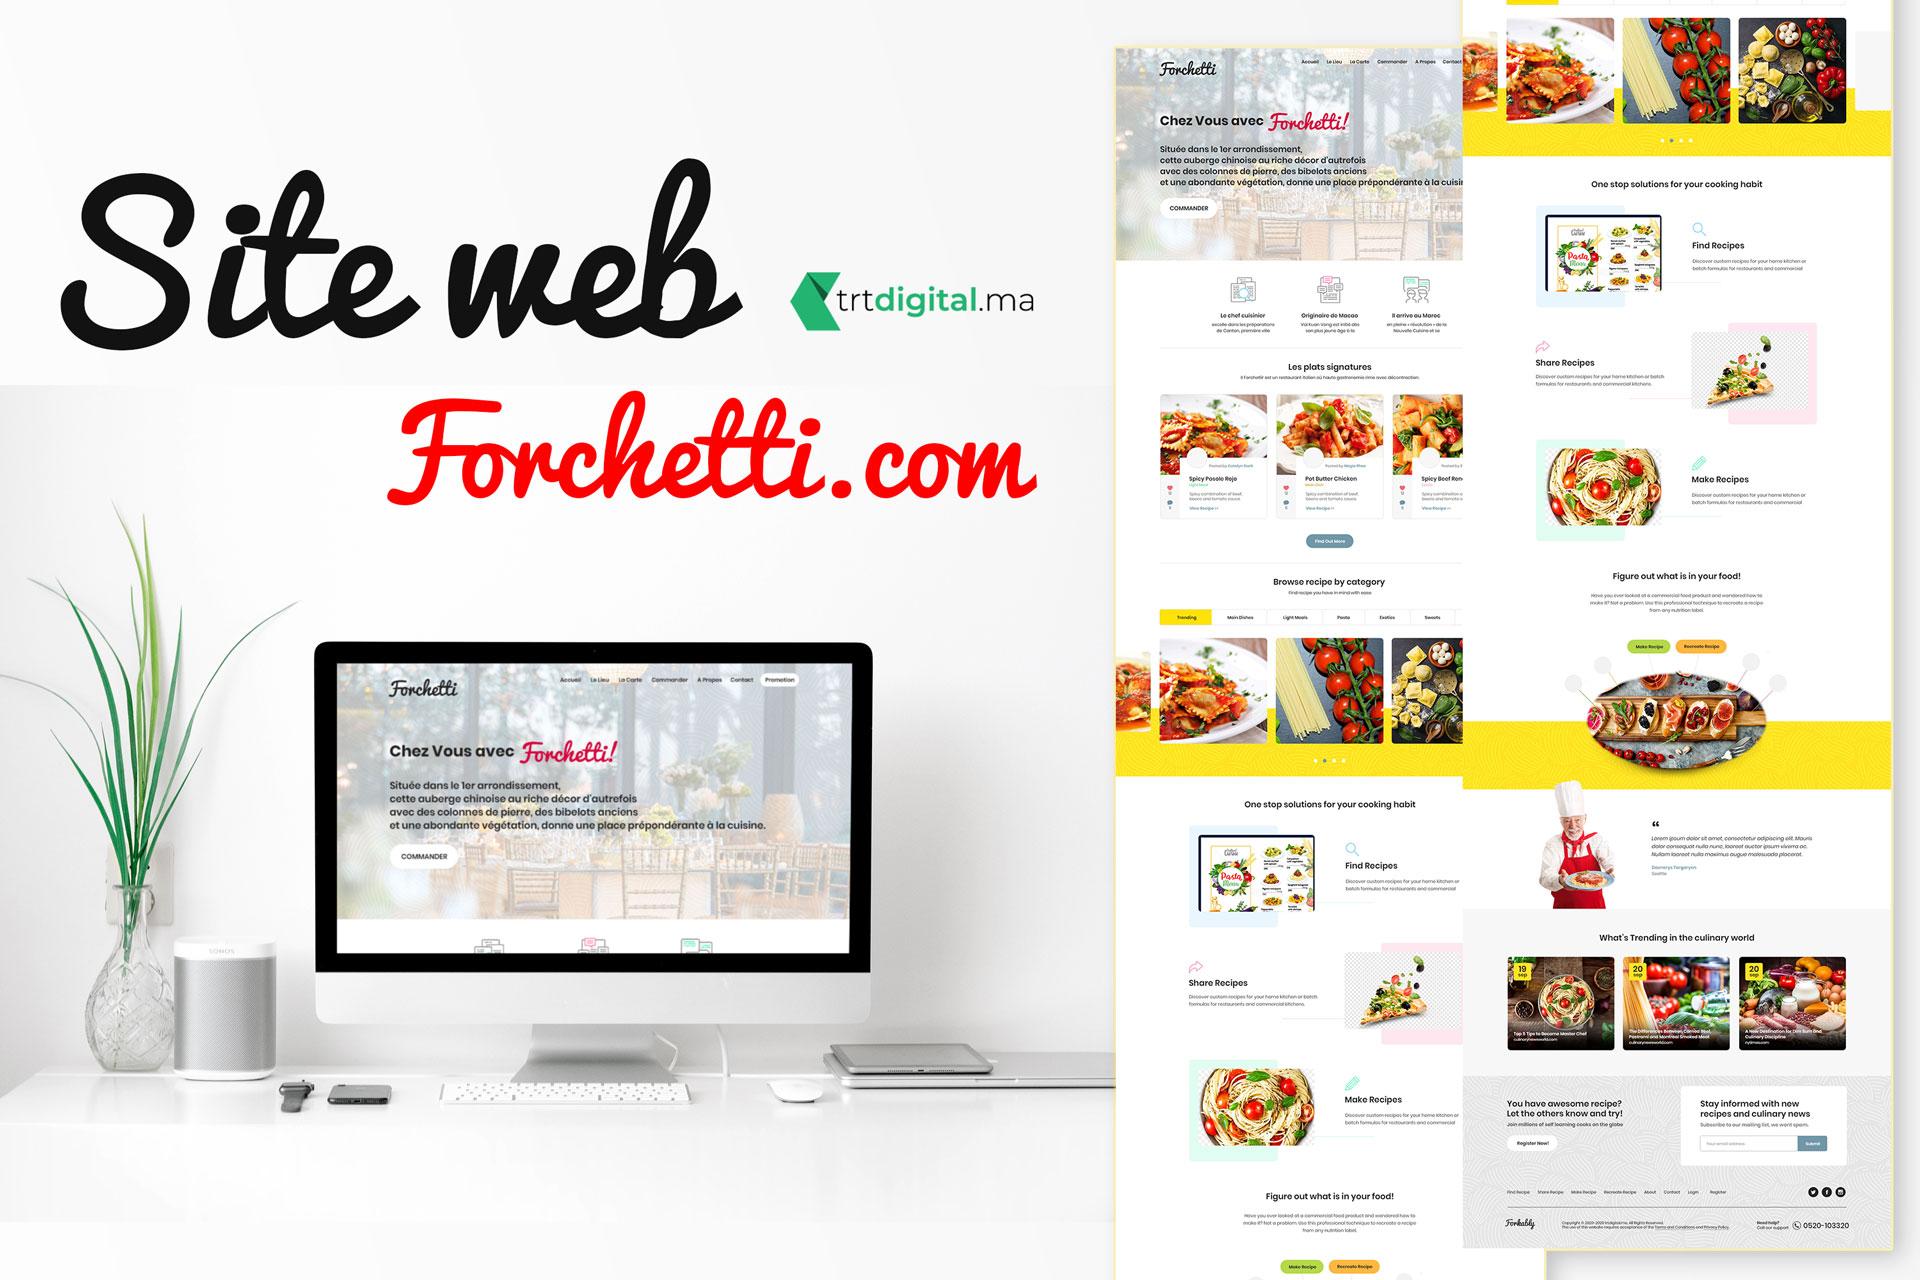 website concept forchetti.com HD - Façon Stratégique Des Panneaux Publicitaires Les Villas Topaz